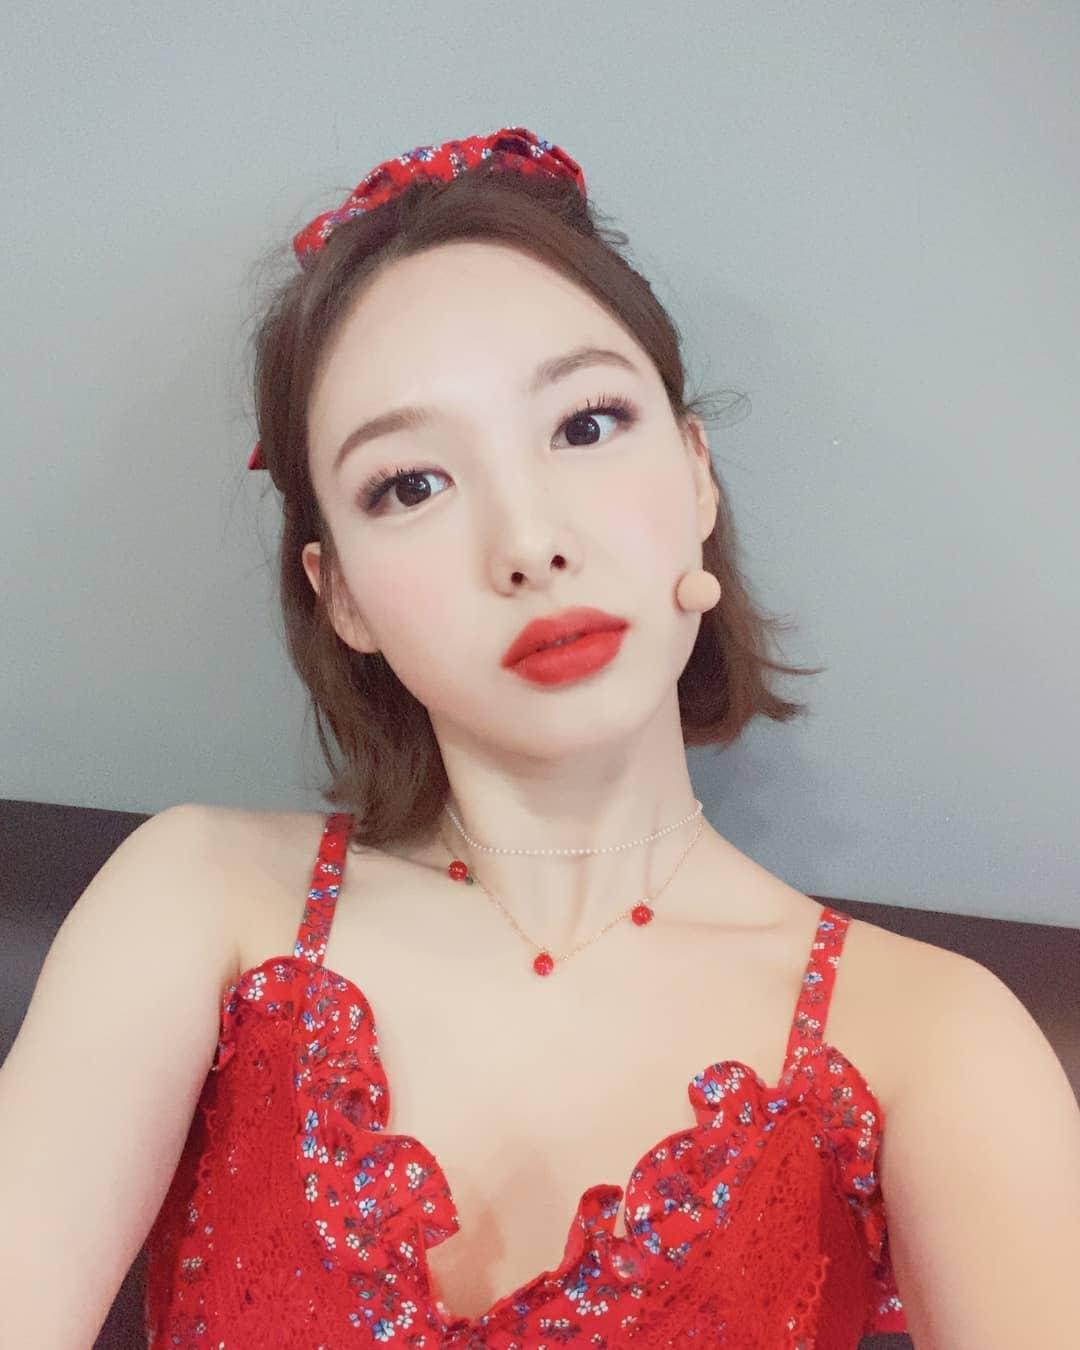 Diện bộ trang phục tông đỏ, Na Yeon đeo thêm vòng cổ hạt nhựa màu tông xuyệt tông, khoe bờ vai gợi cảm.